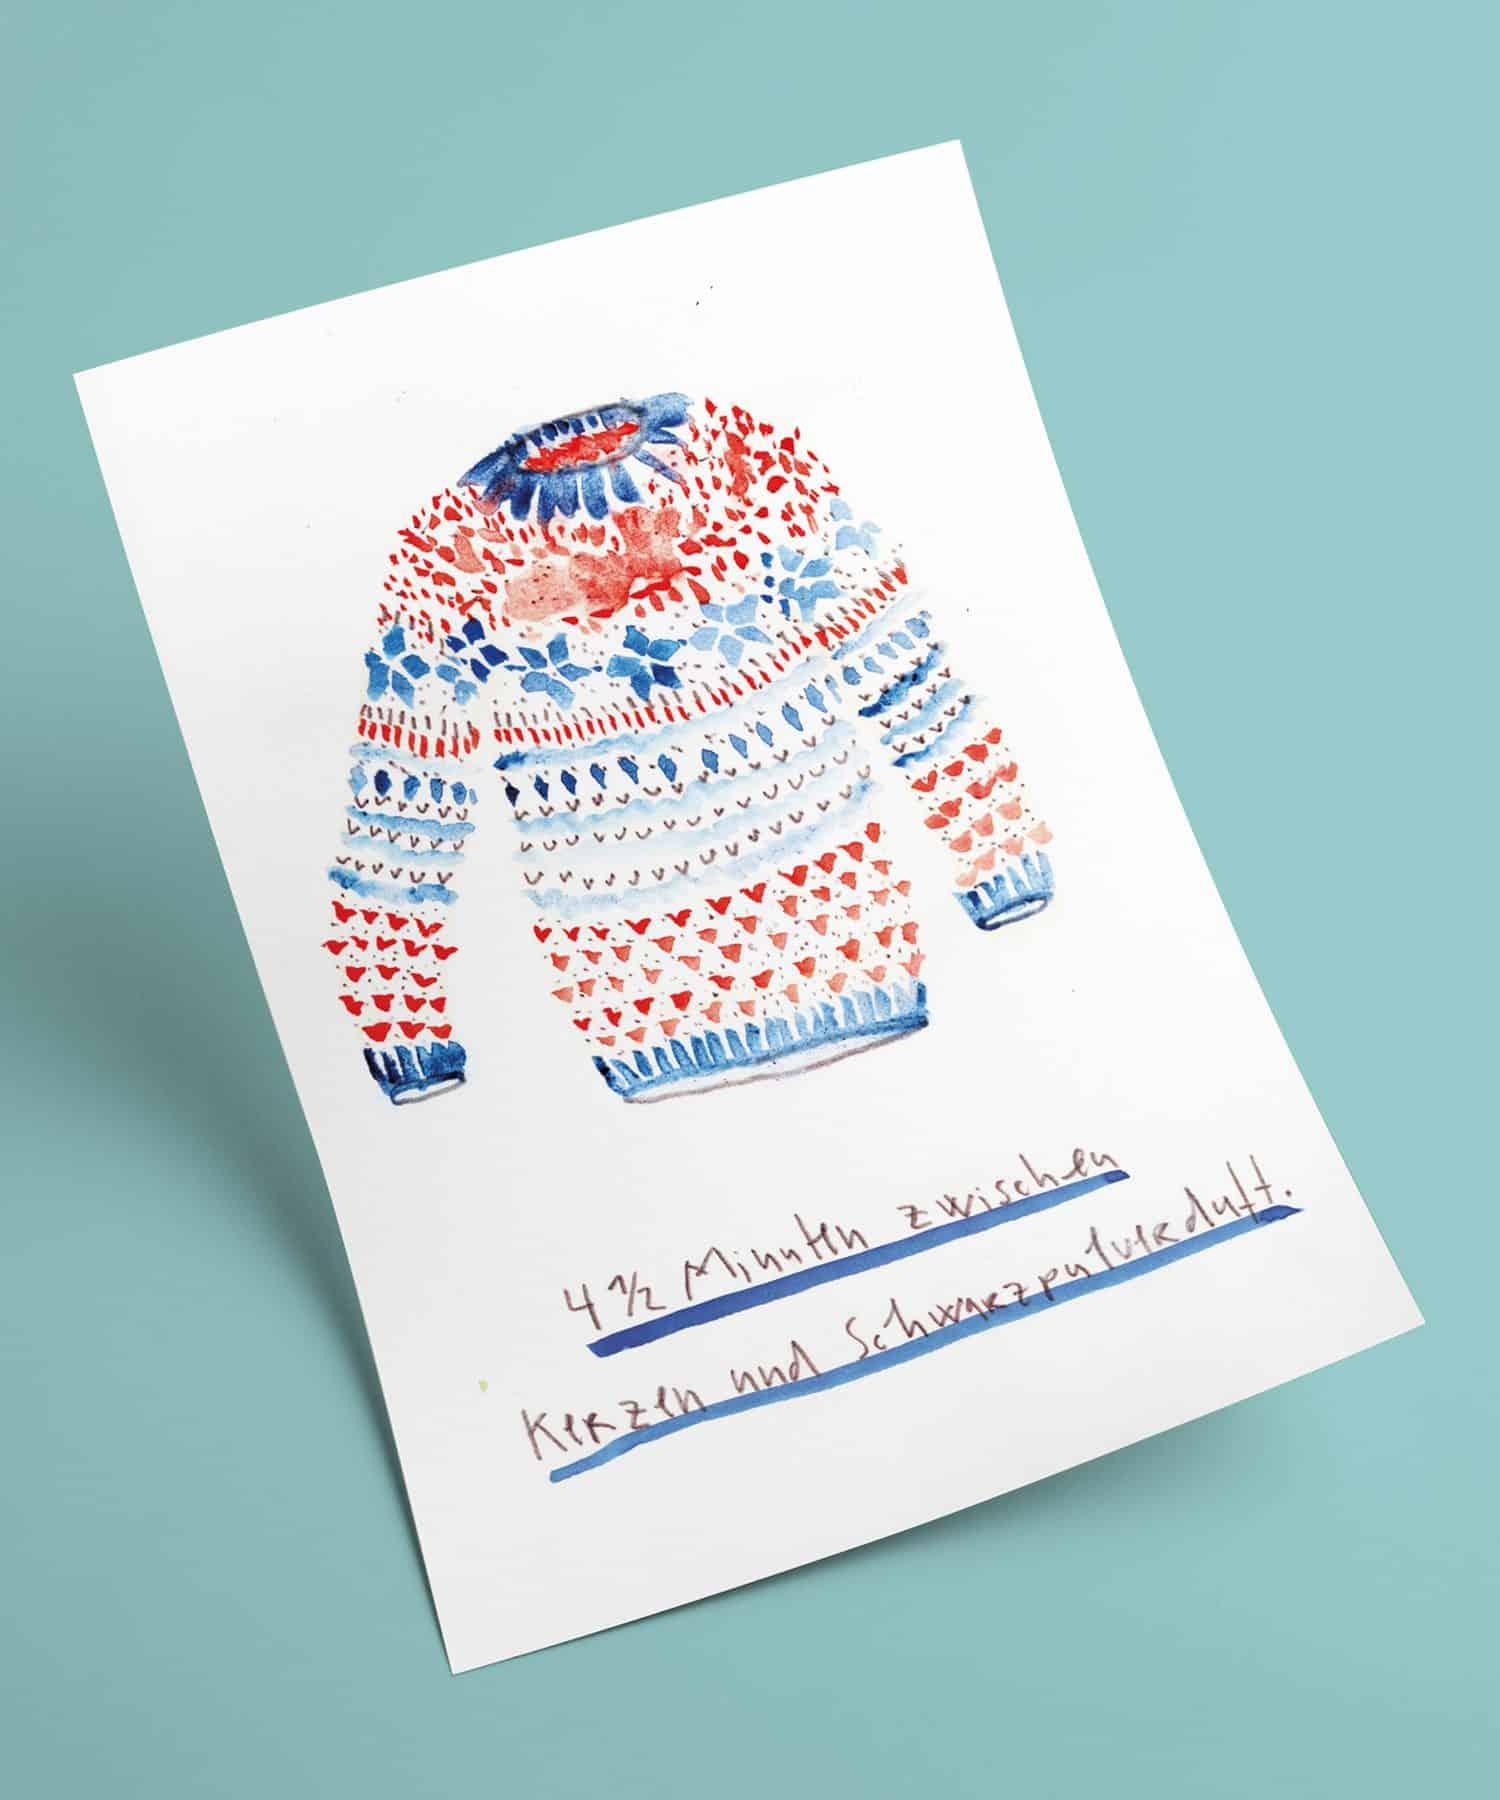 161127-Matrosenhunde Weichnachts- und Neujahrspostkarte: 4 1/2 Minuten zwischen Kerzen und SChwarzpulverduft